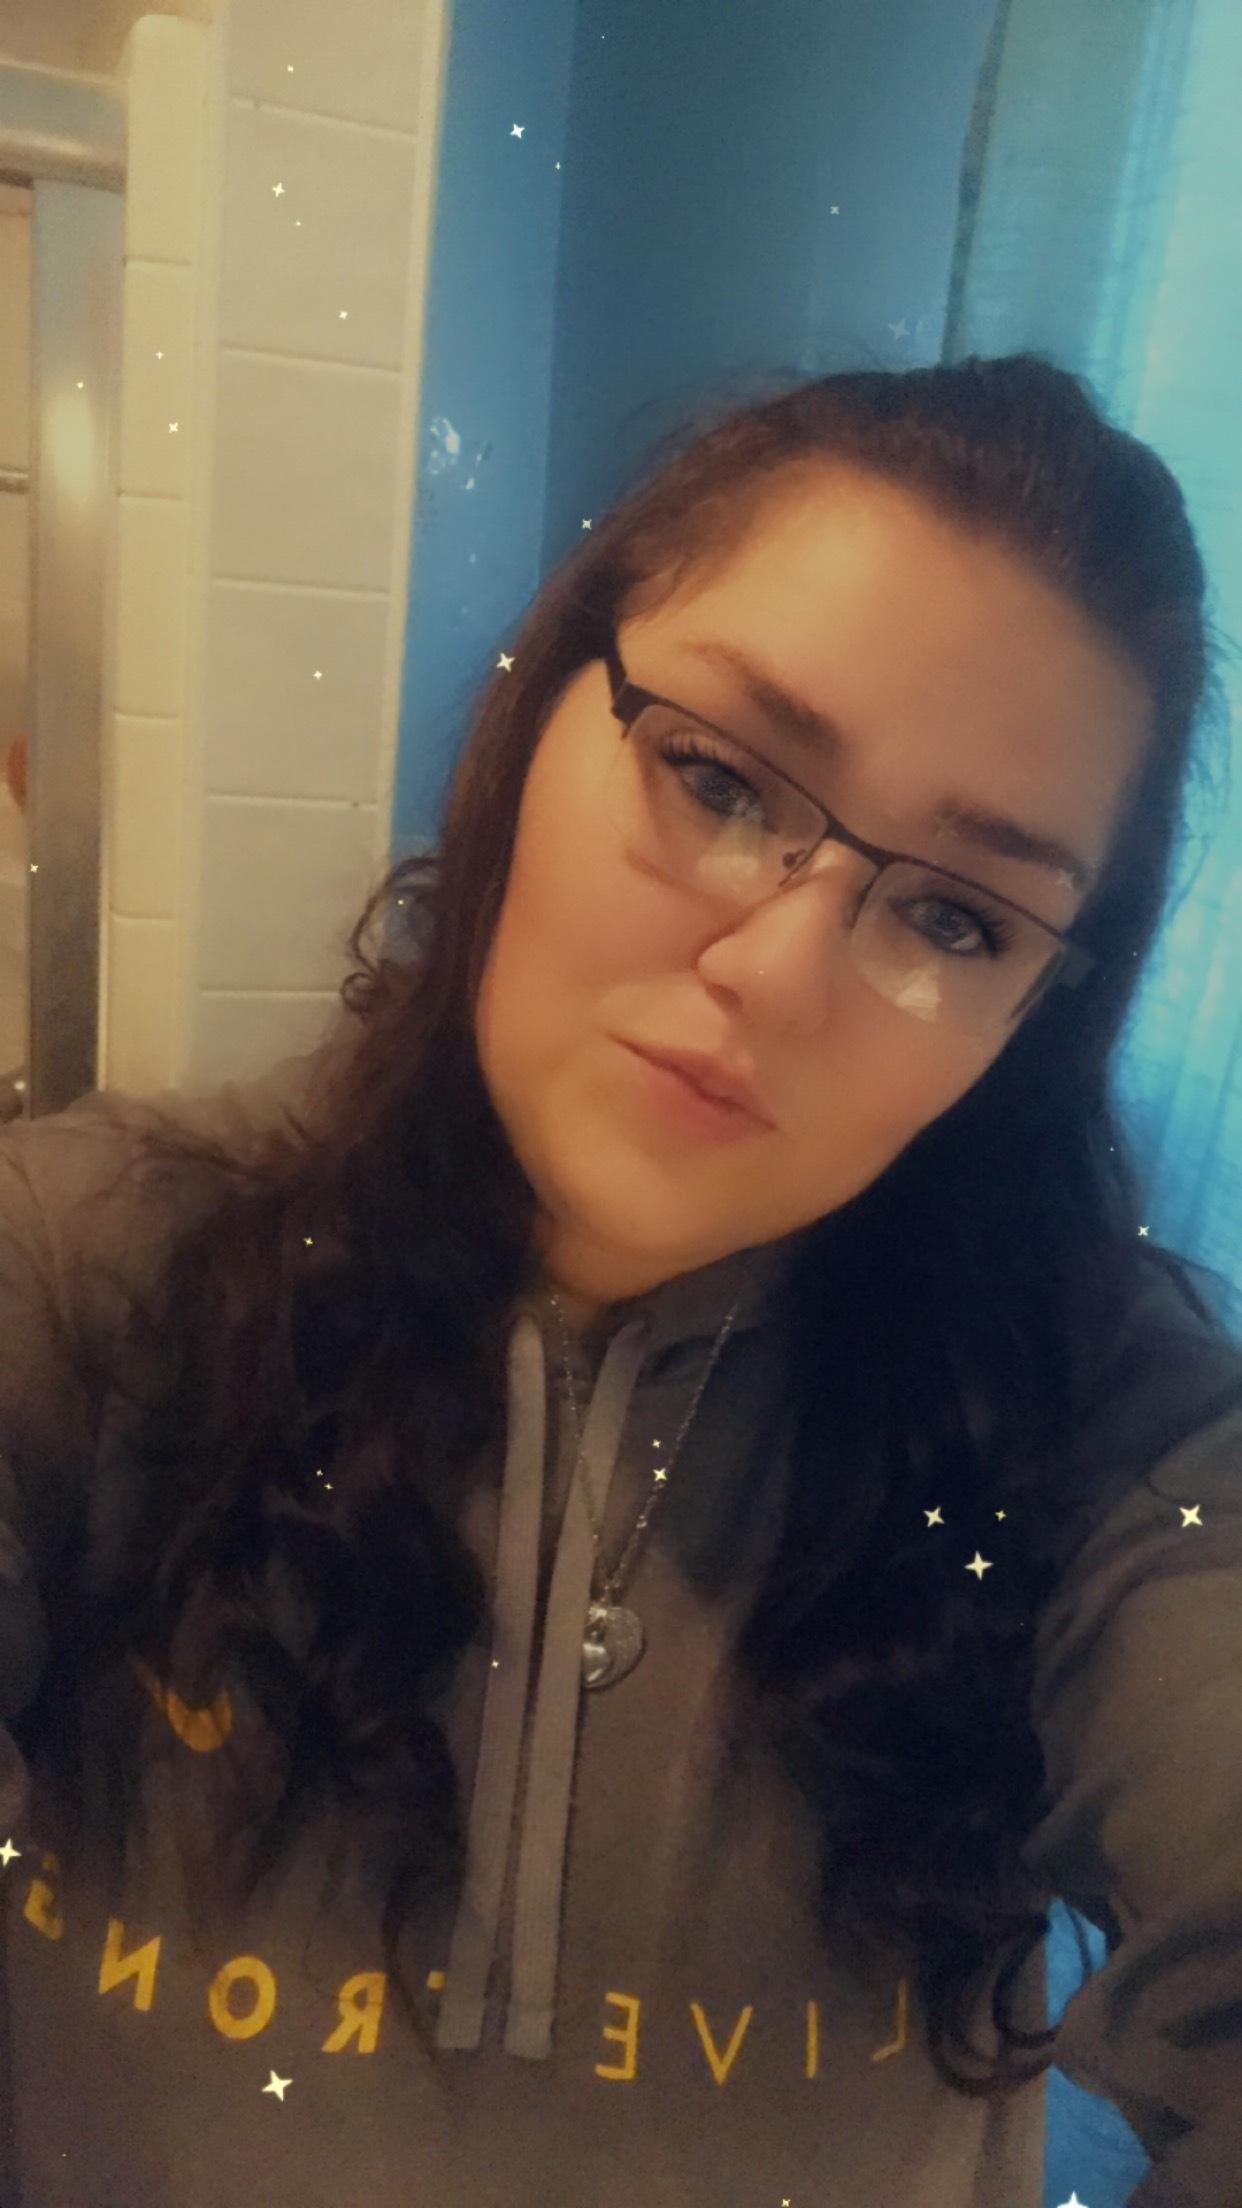 SugarBaby profile Cntrywoman8881